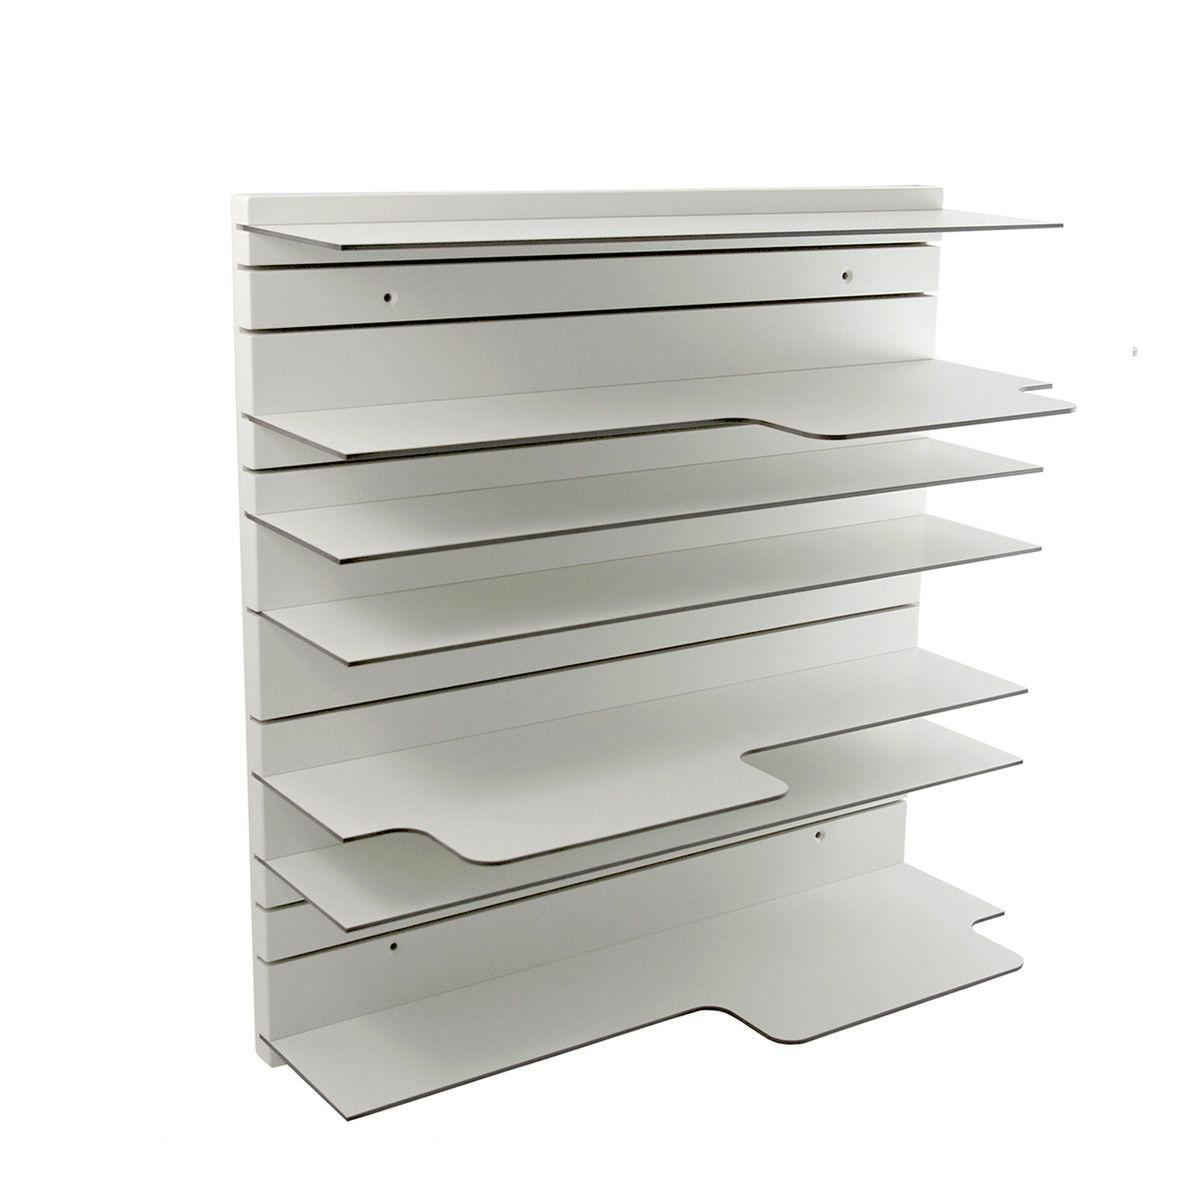 spectrum - Paperback Regalsystem (weiß), 60 x 60 cm Jetzt bestellen ...